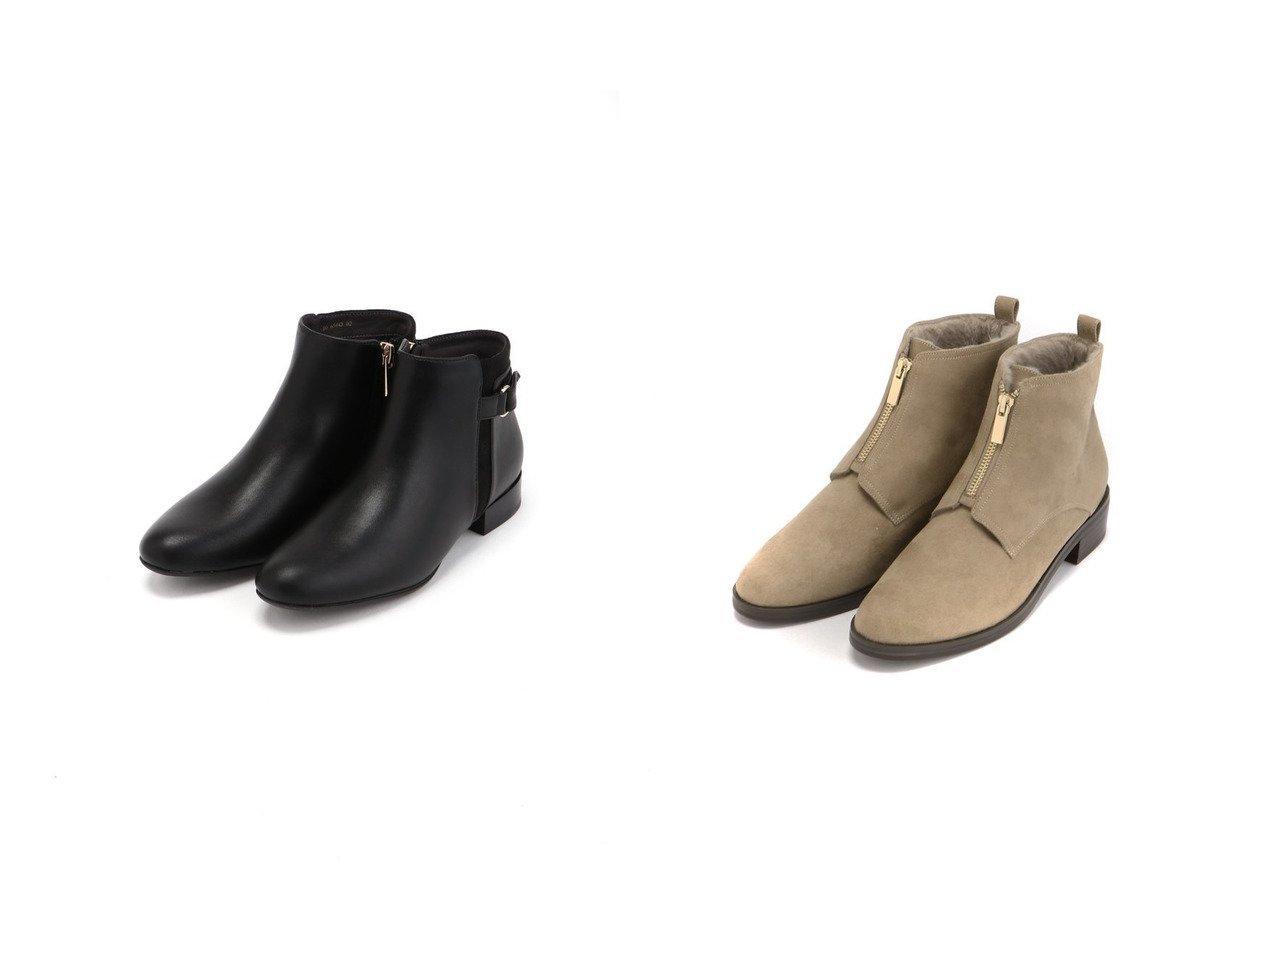 【Le Talon/ル タロン】のサイドベルトモールドSB(S-LL)&フロントジップSB シューズ・靴のおすすめ!人気、トレンド・レディースファッションの通販 おすすめで人気の流行・トレンド、ファッションの通販商品 メンズファッション・キッズファッション・インテリア・家具・レディースファッション・服の通販 founy(ファニー) https://founy.com/ ファッション Fashion レディースファッション WOMEN ベルト Belts NEW・新作・新着・新入荷 New Arrivals 2020年 2020 2020-2021 秋冬 A/W AW Autumn/Winter / FW Fall-Winter 2020-2021 A/W 秋冬 AW Autumn/Winter / FW Fall-Winter インソール クッション コンパクト シューズ ショート シンプル ジップ フロント ボトム  ID:crp329100000012455